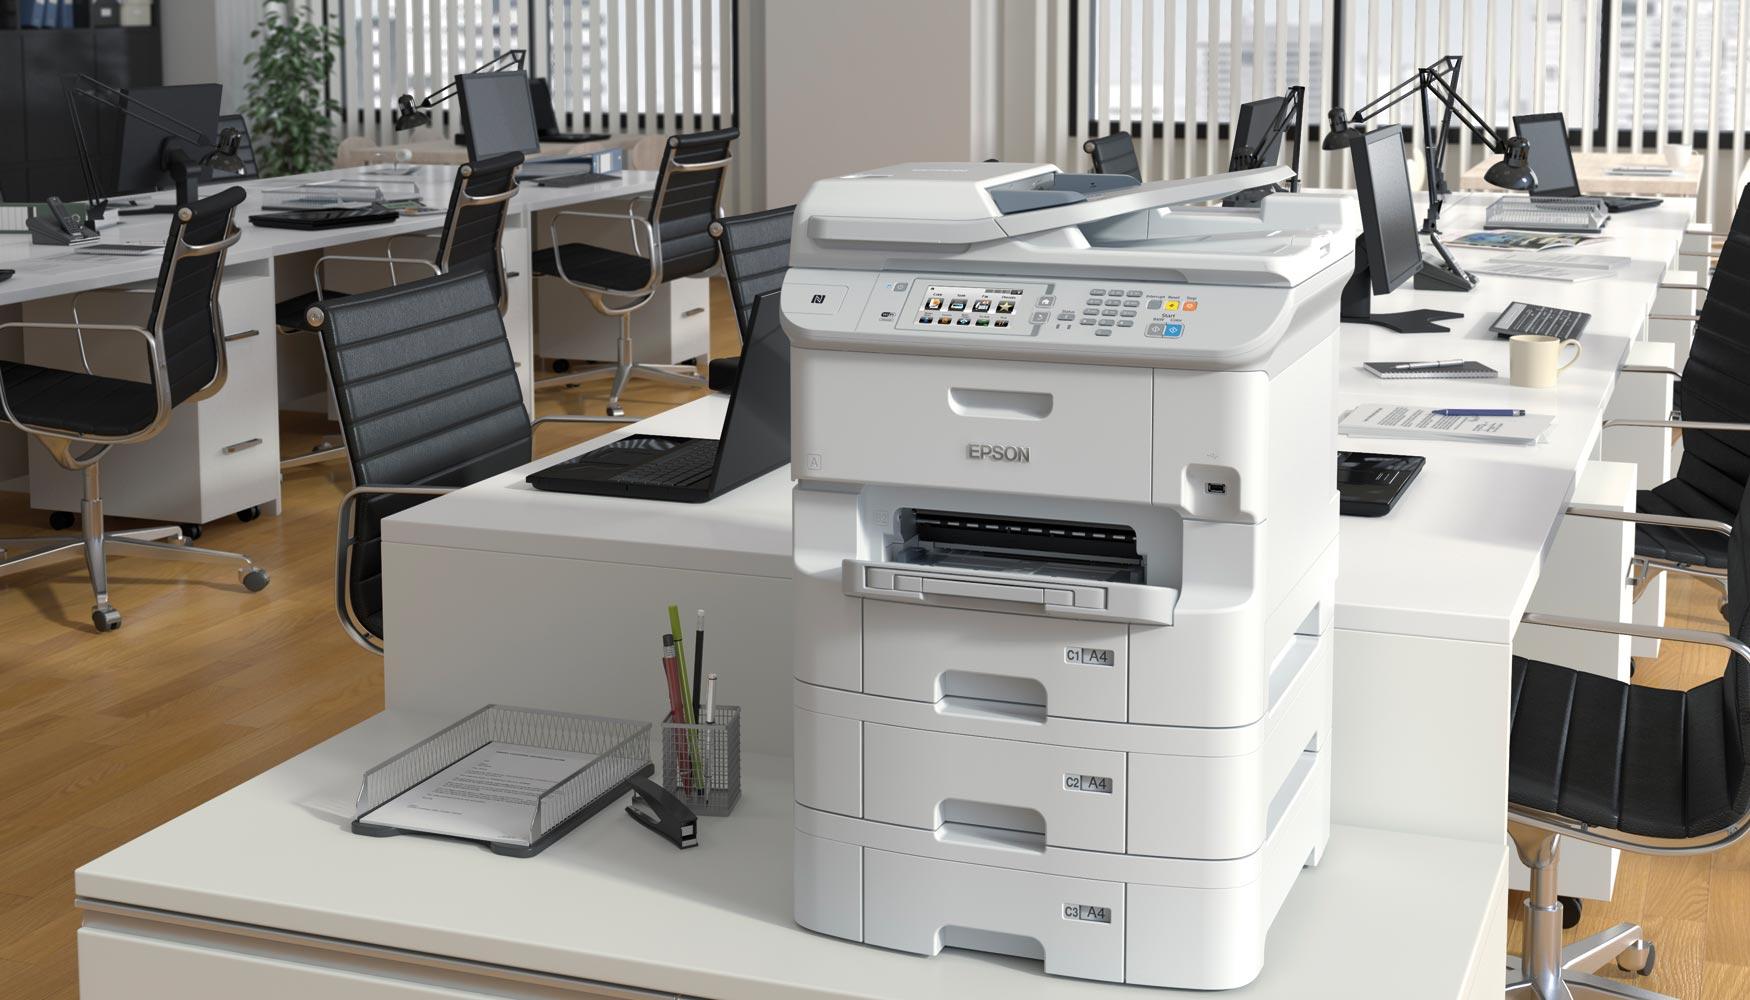 Las impresoras de inyecci n producen un 94 menos de residuos y consumen un 96 menos de energ a - Impresoras para oficina ...